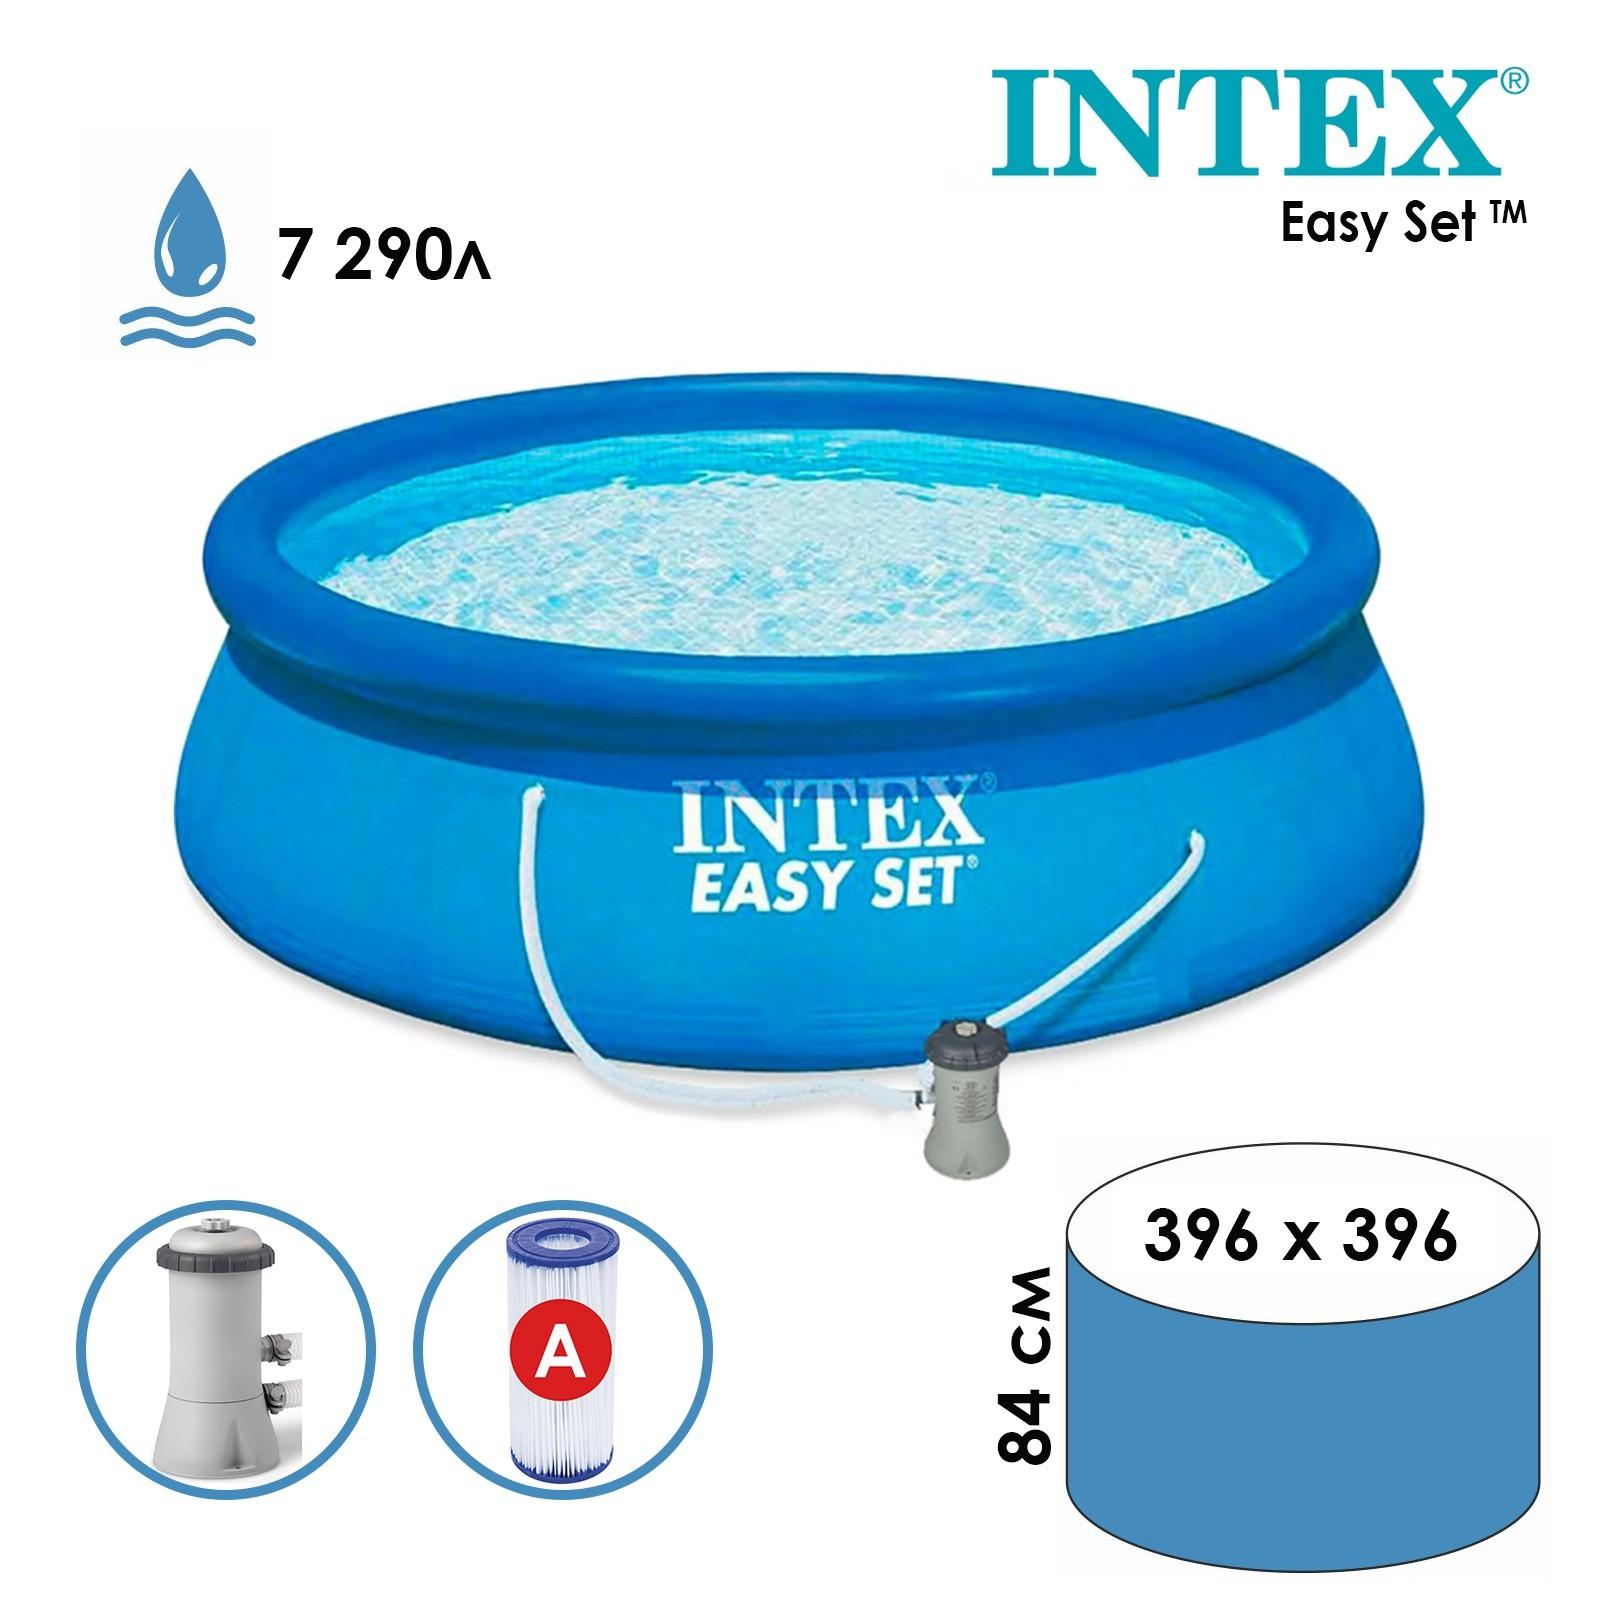 e6a02f54ccc2f Бассейн надувной Easy Set, 396х84 см, фильтр-насос 28142 INTEX ...